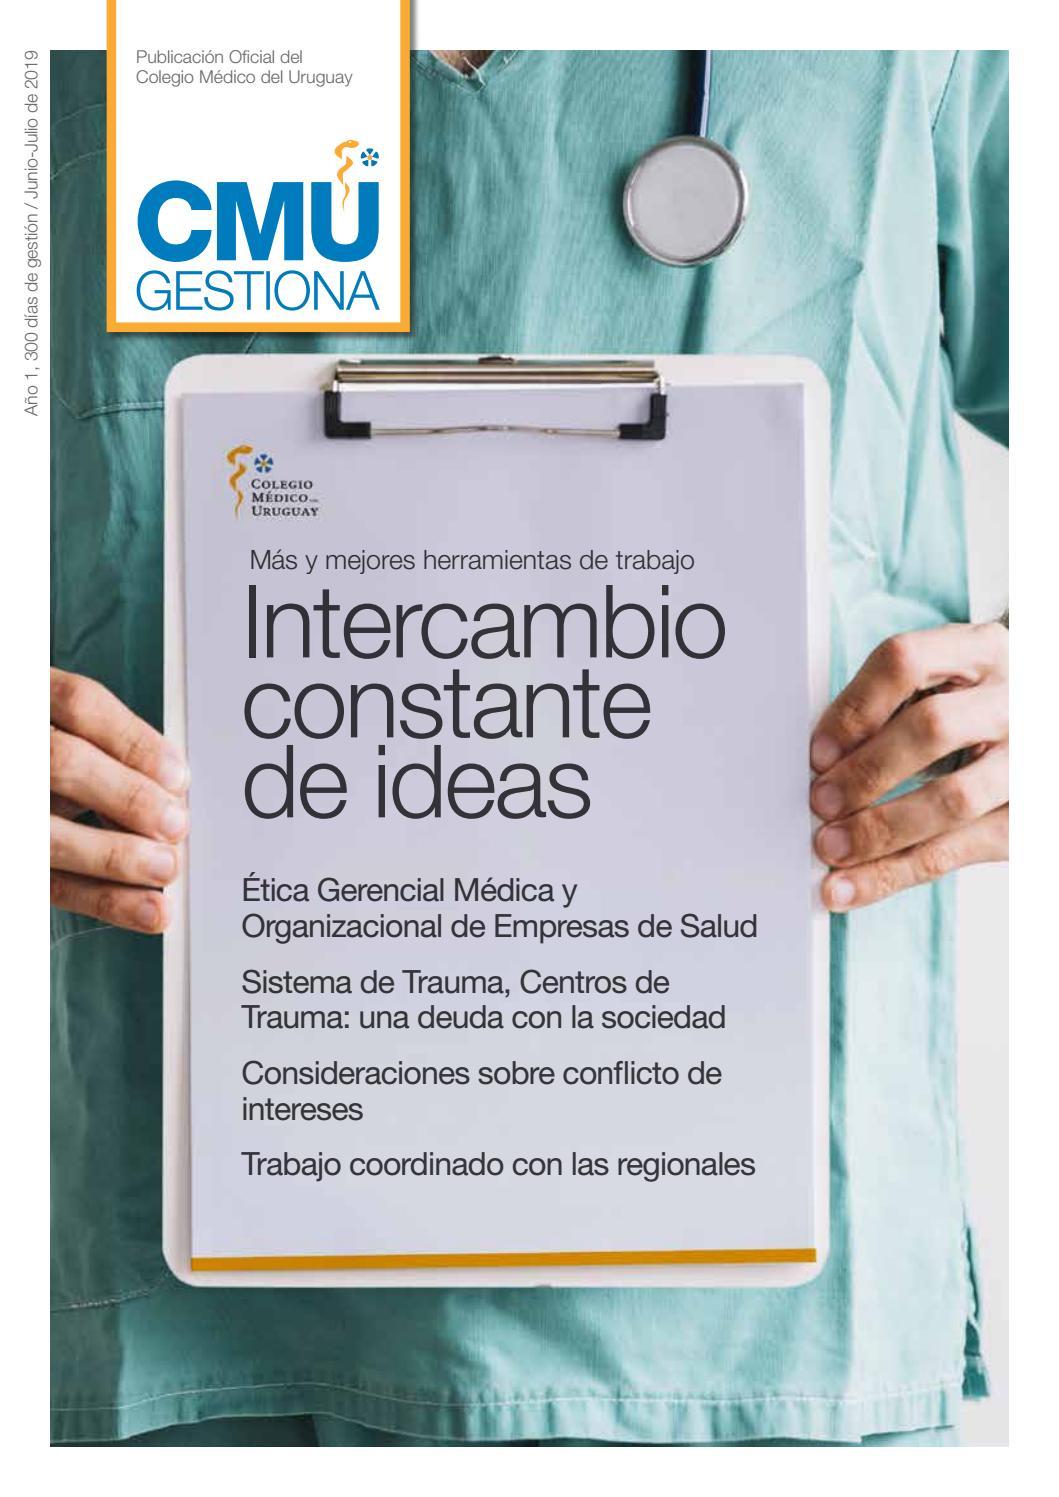 Hipertensión crónica en el embarazo cmu